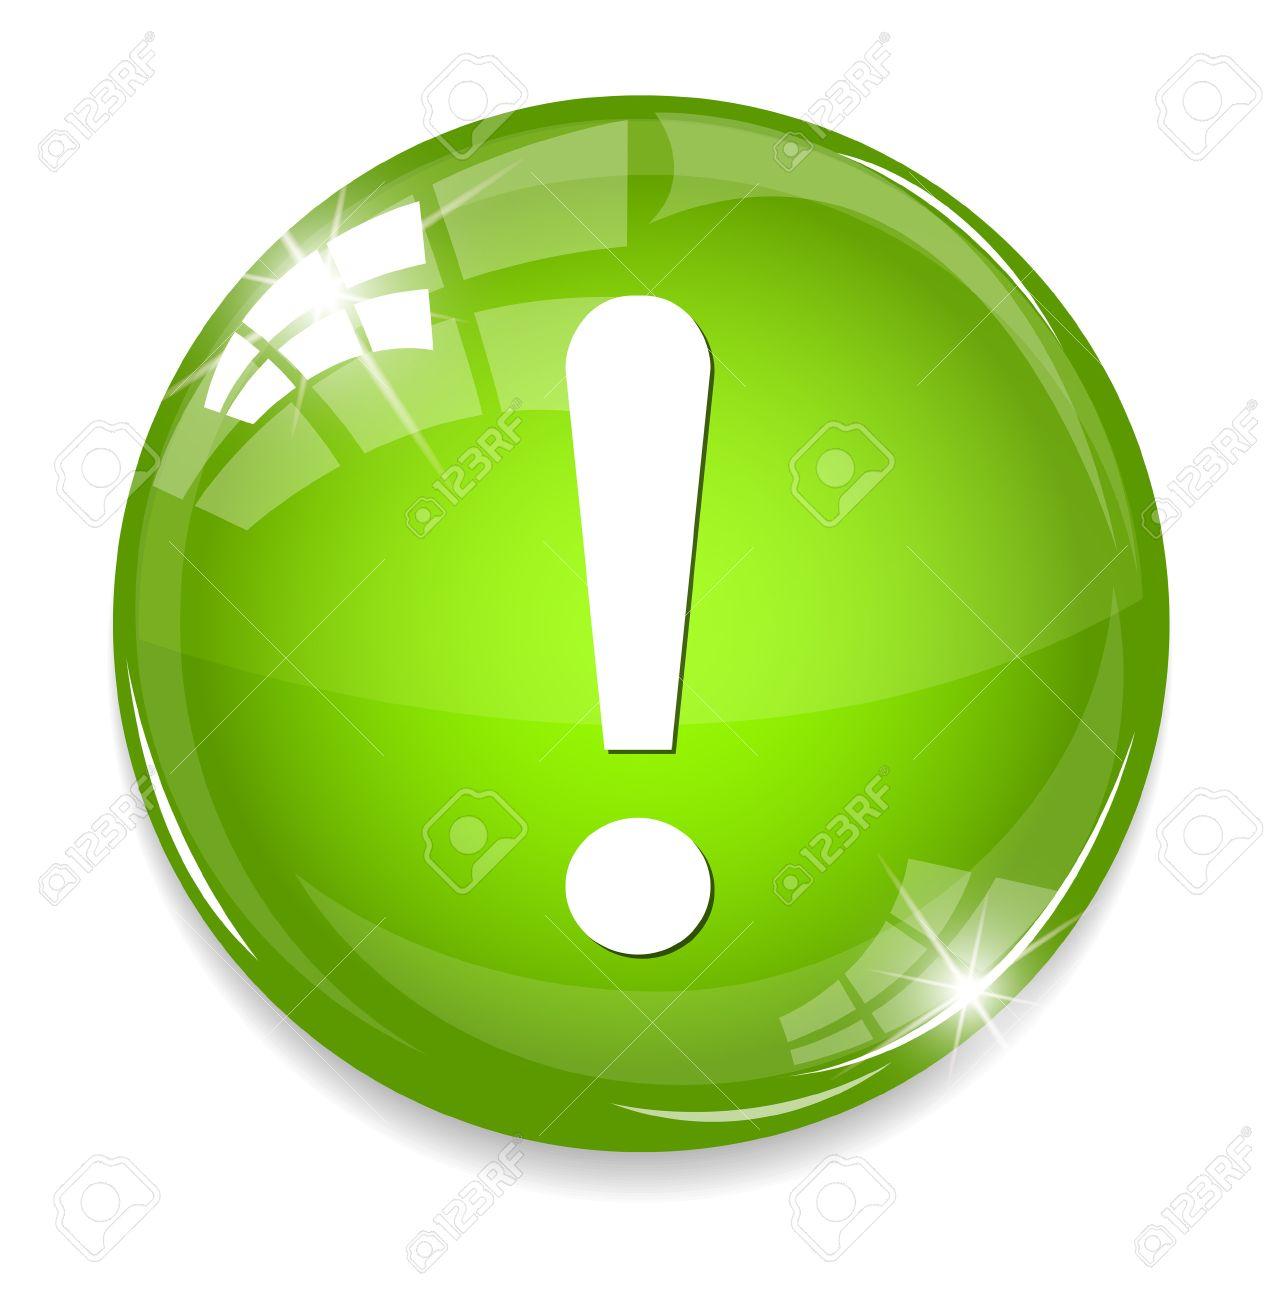 Картинки по запросу клипарт зеленый восклицательный знак